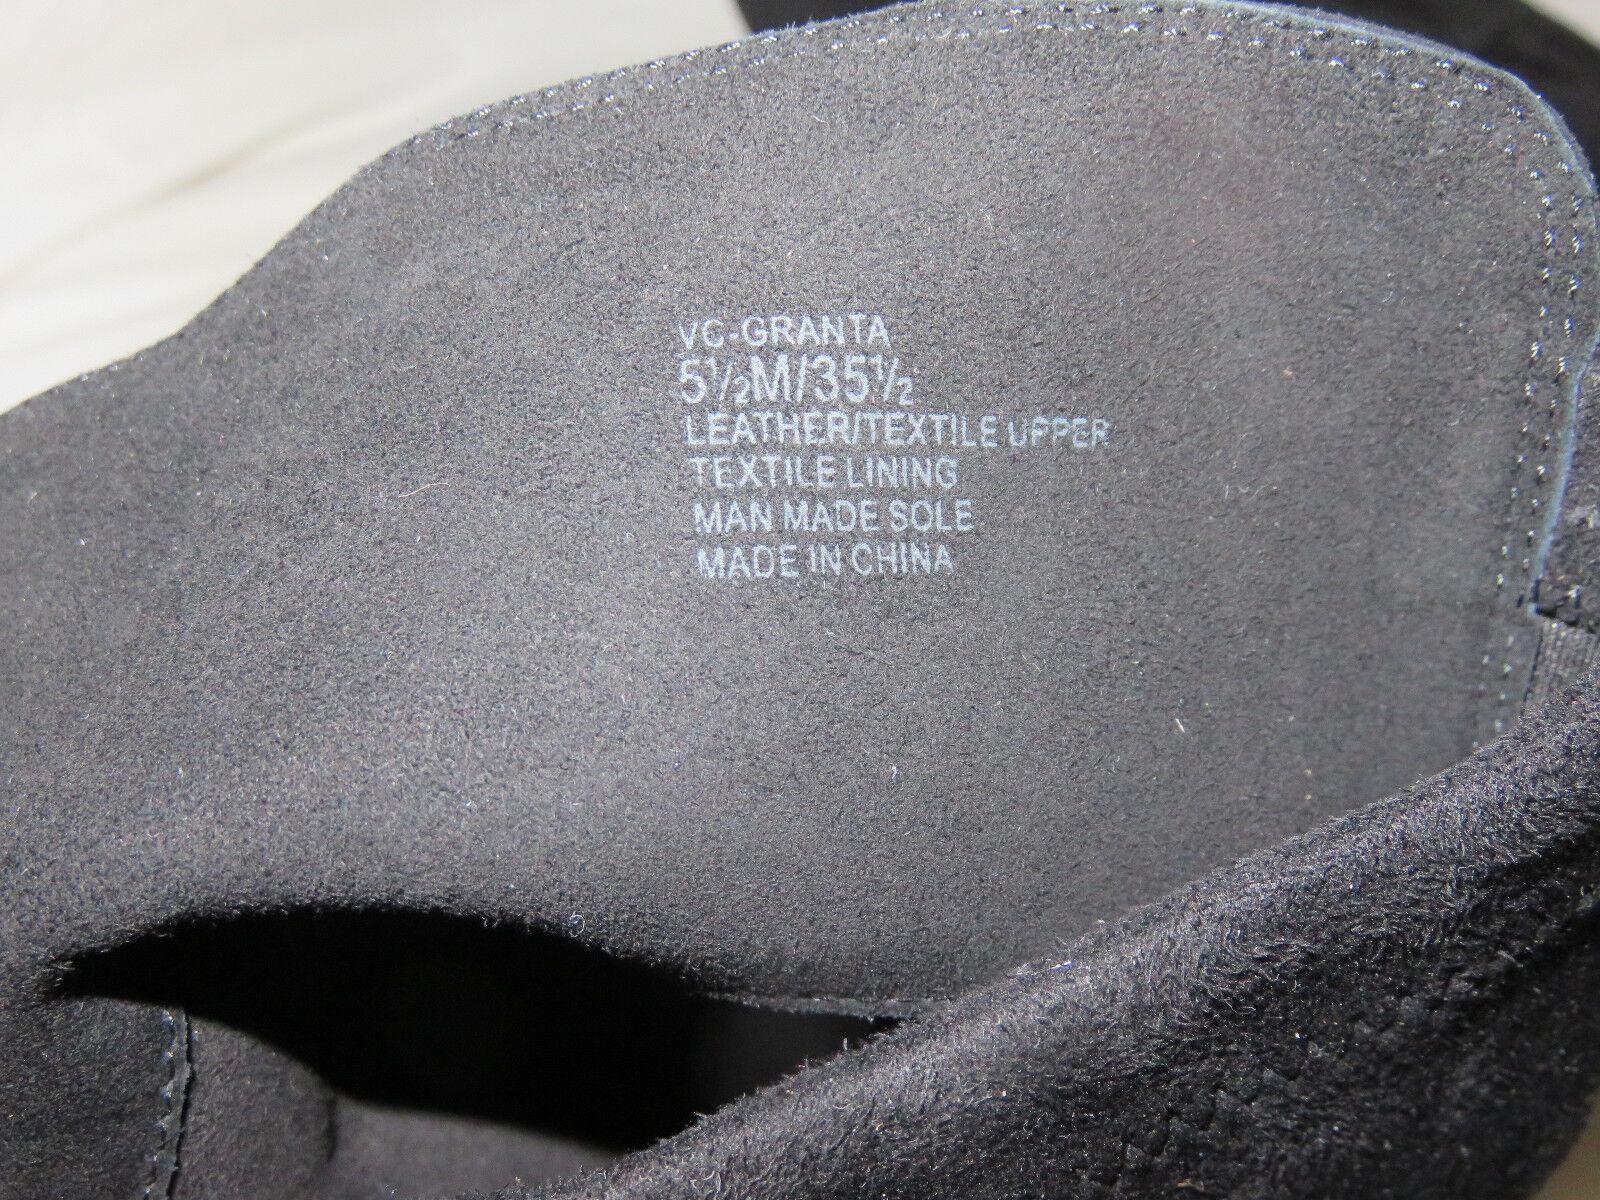 Vince Camuto Granta Negro de cuero de gamuza encima encima encima de la rodilla cuña Botas M Nuevo 460647